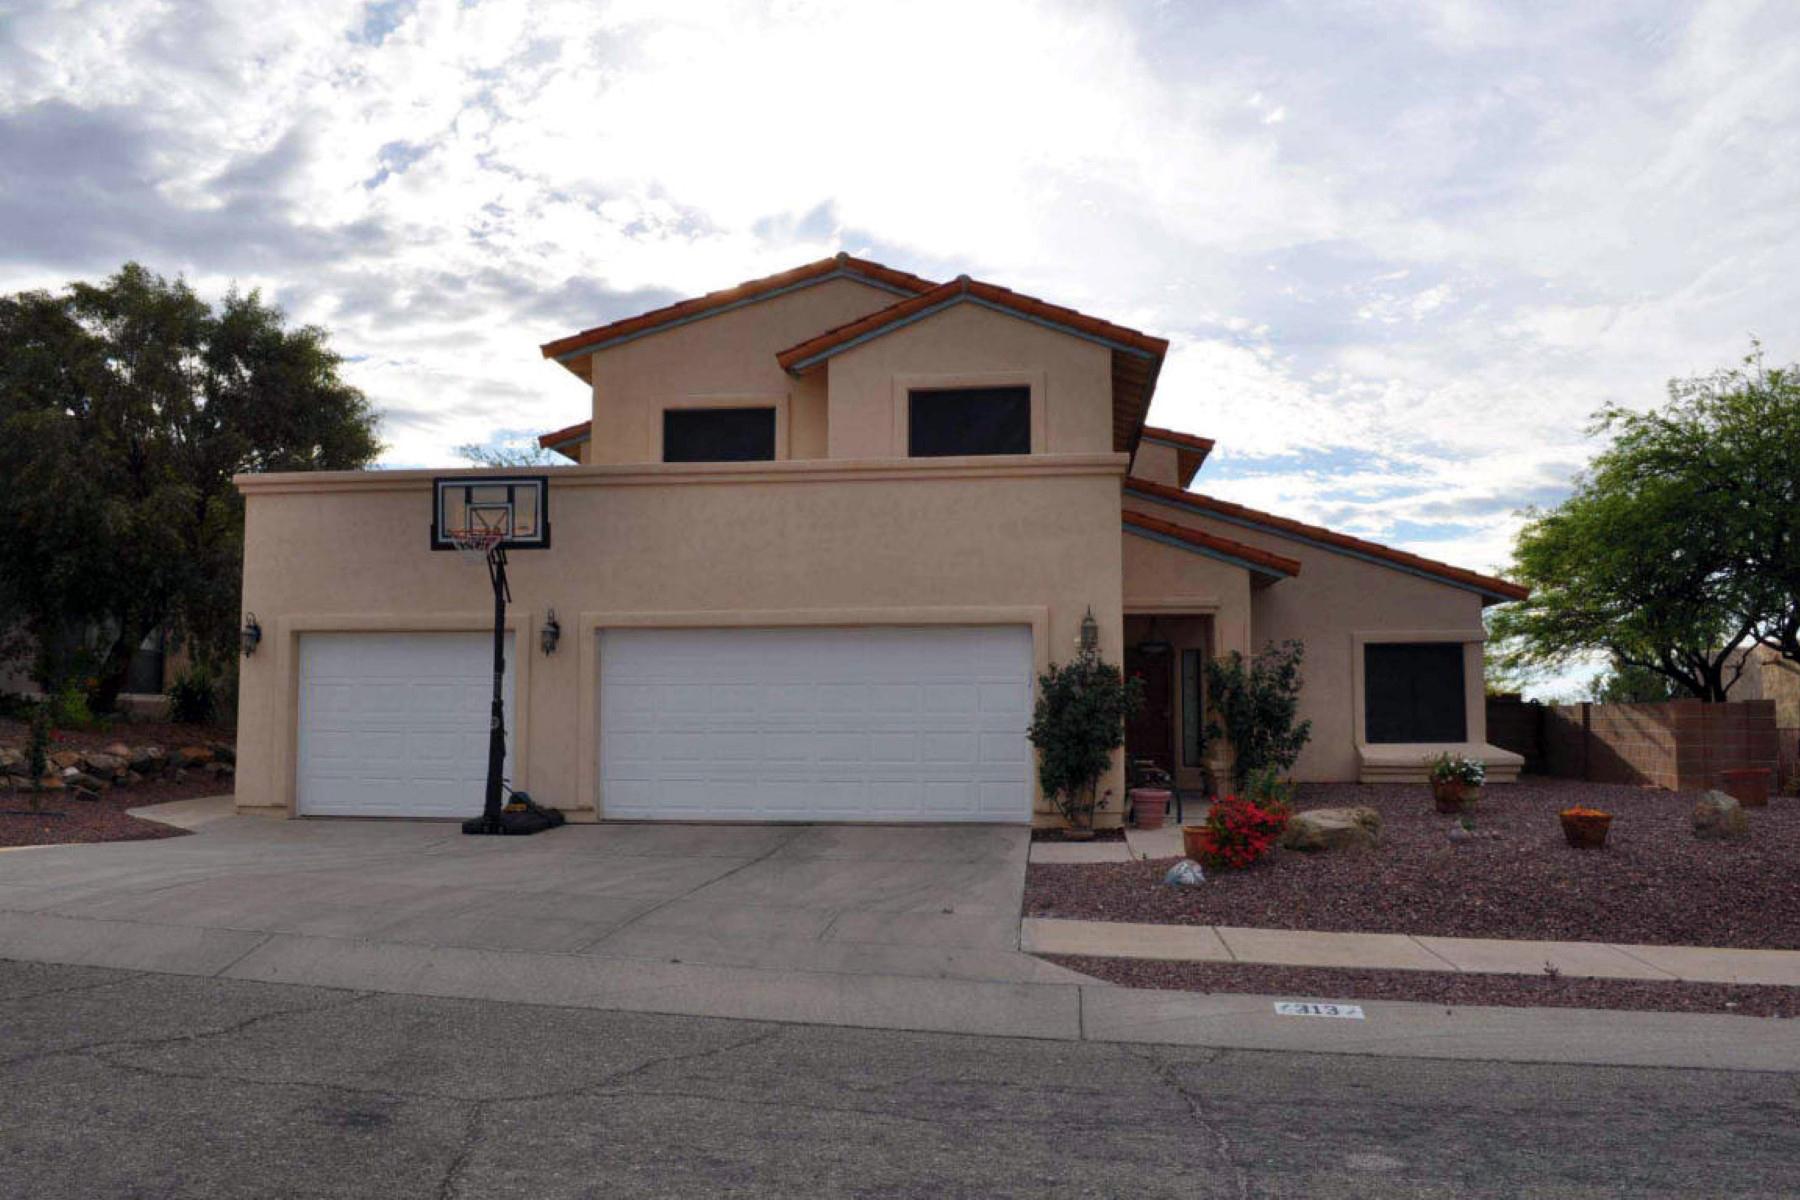 Maison unifamiliale pour l Vente à Beautiful Spacious Home in Desired Location 313 N Eastern Slope Loop Tucson, Arizona 85748 États-Unis